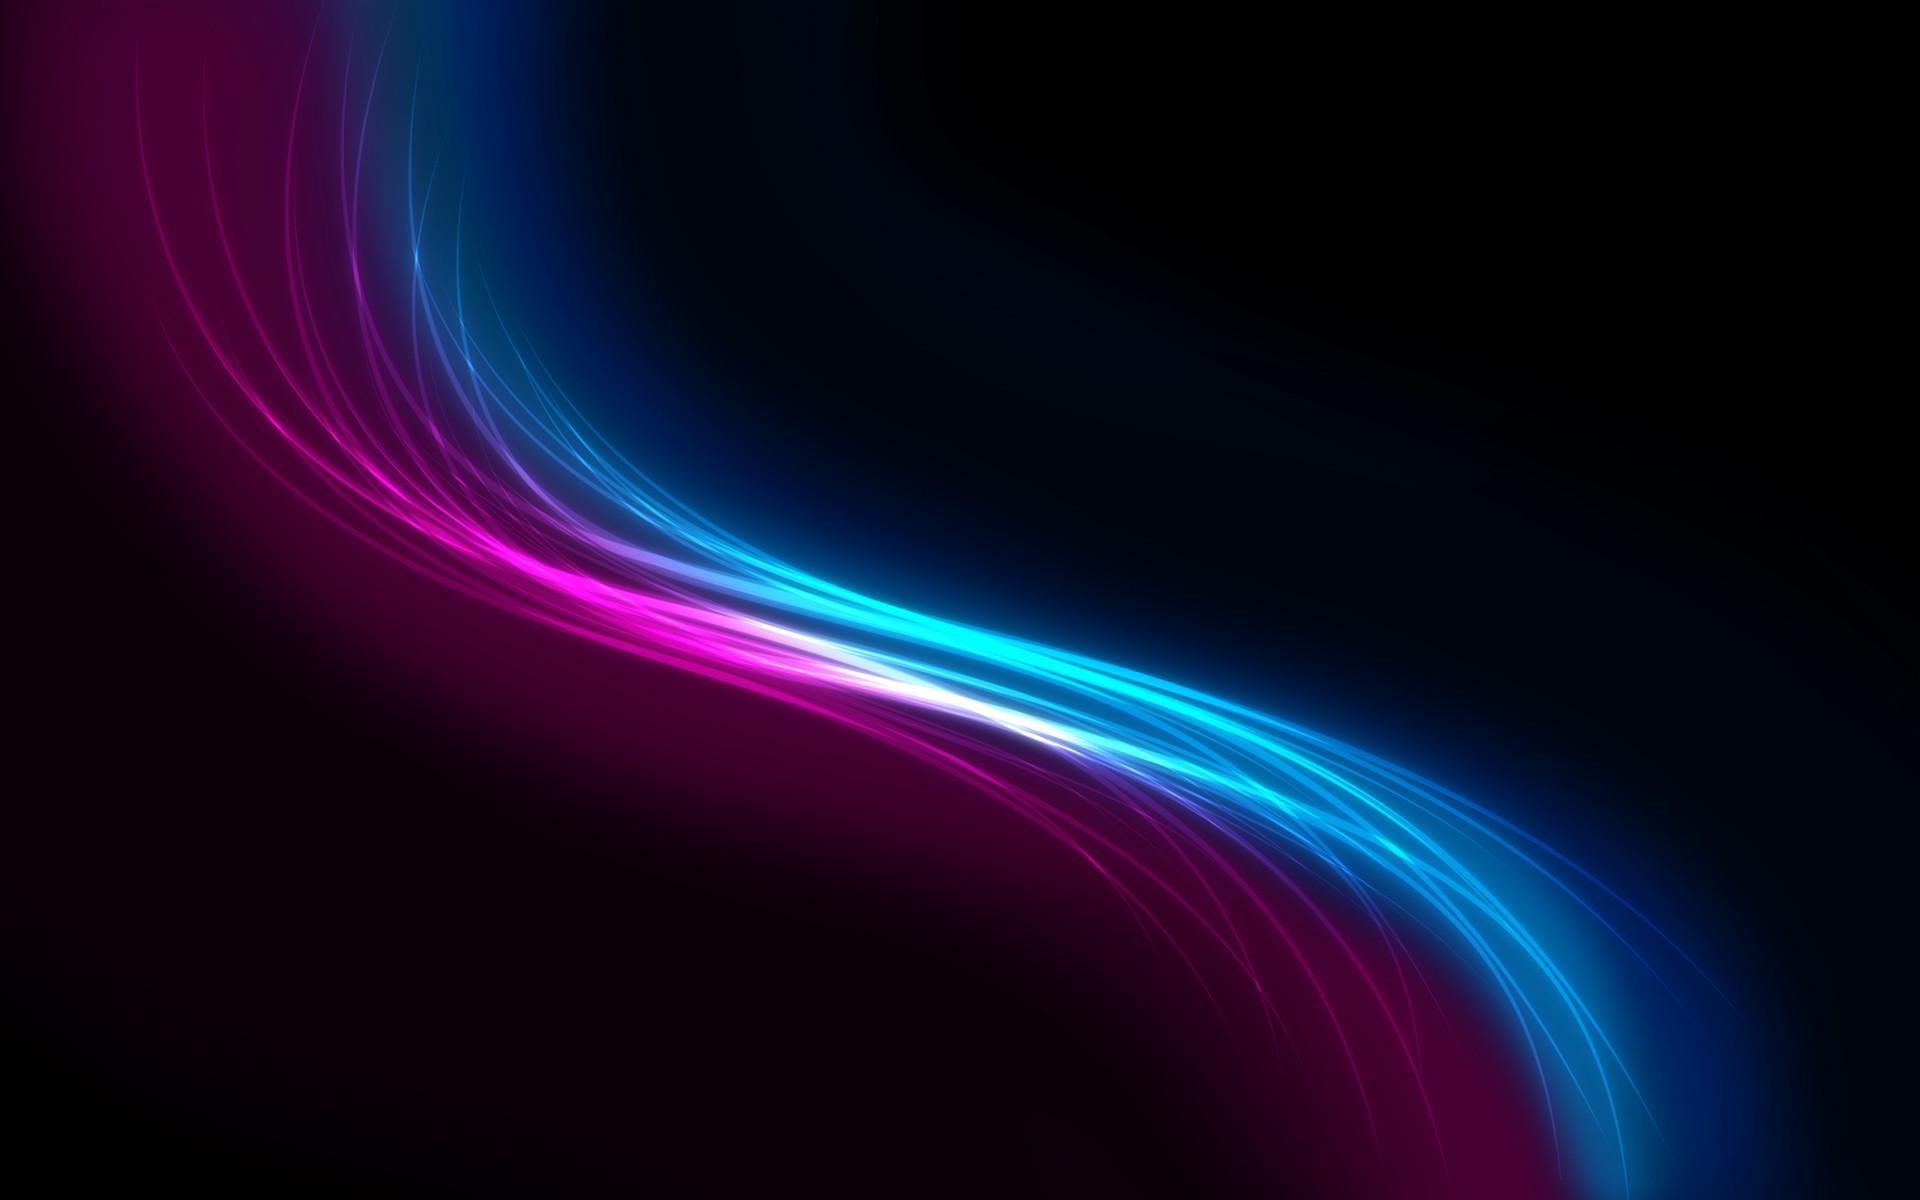 Purple & Blue Swirl Twitter Backgrounds, Purple & Blue Swirl Twitter .